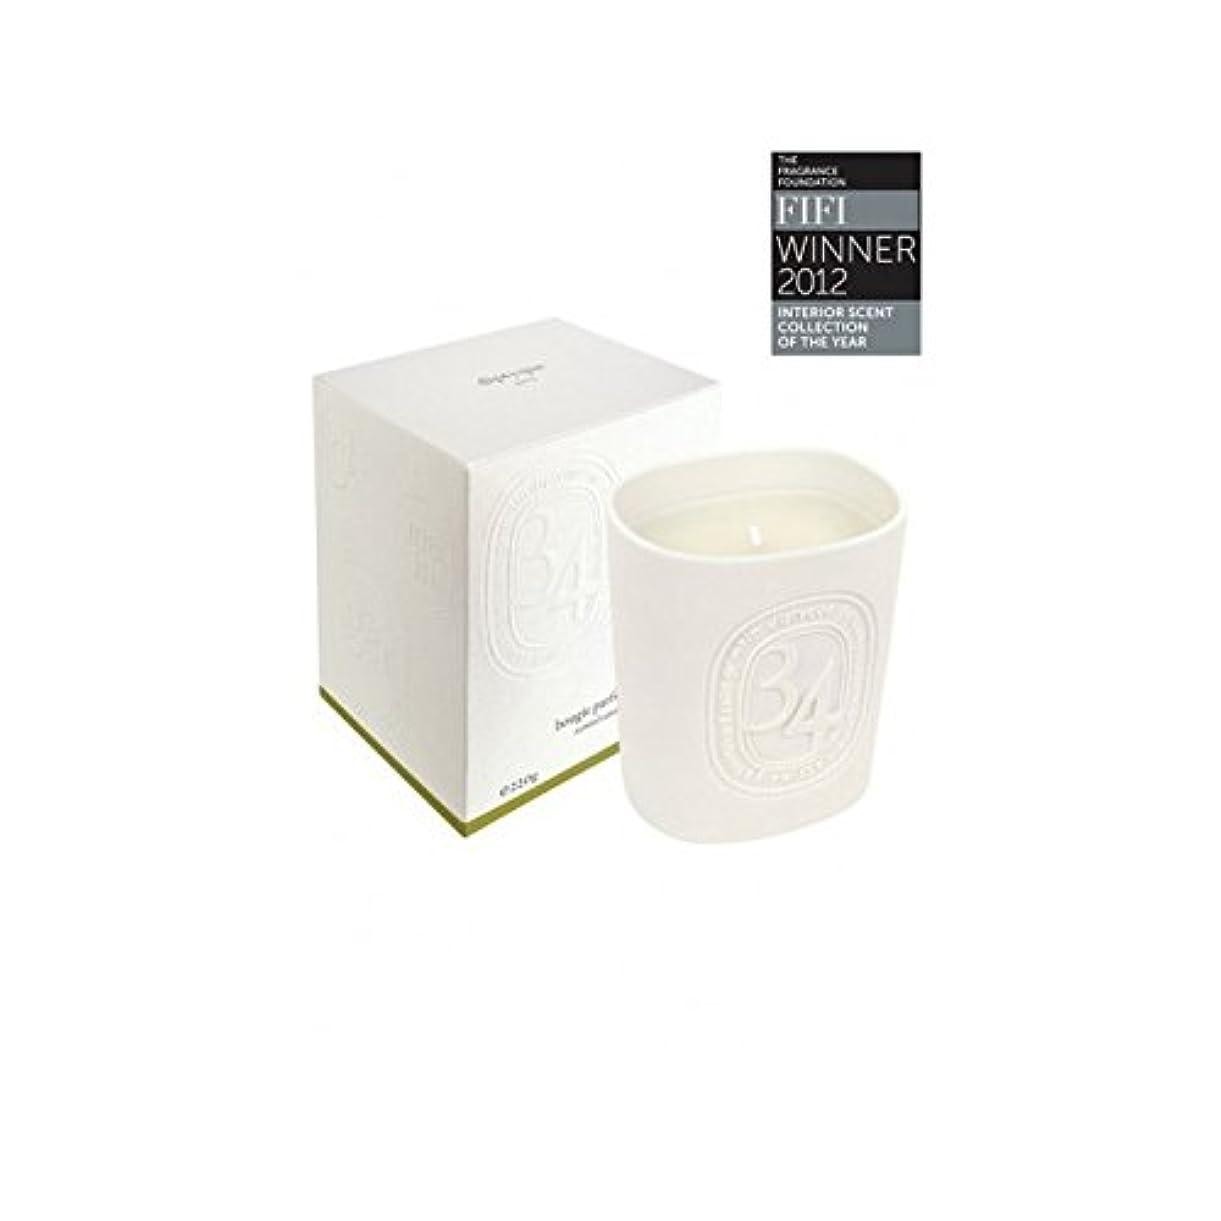 継続中特権的寄付Diptyque Collection 34 Boulevard Saint Germain Candle 220g (Pack of 2) - Diptyqueコレクション34大通りサンジェルマンキャンドル220グラム...